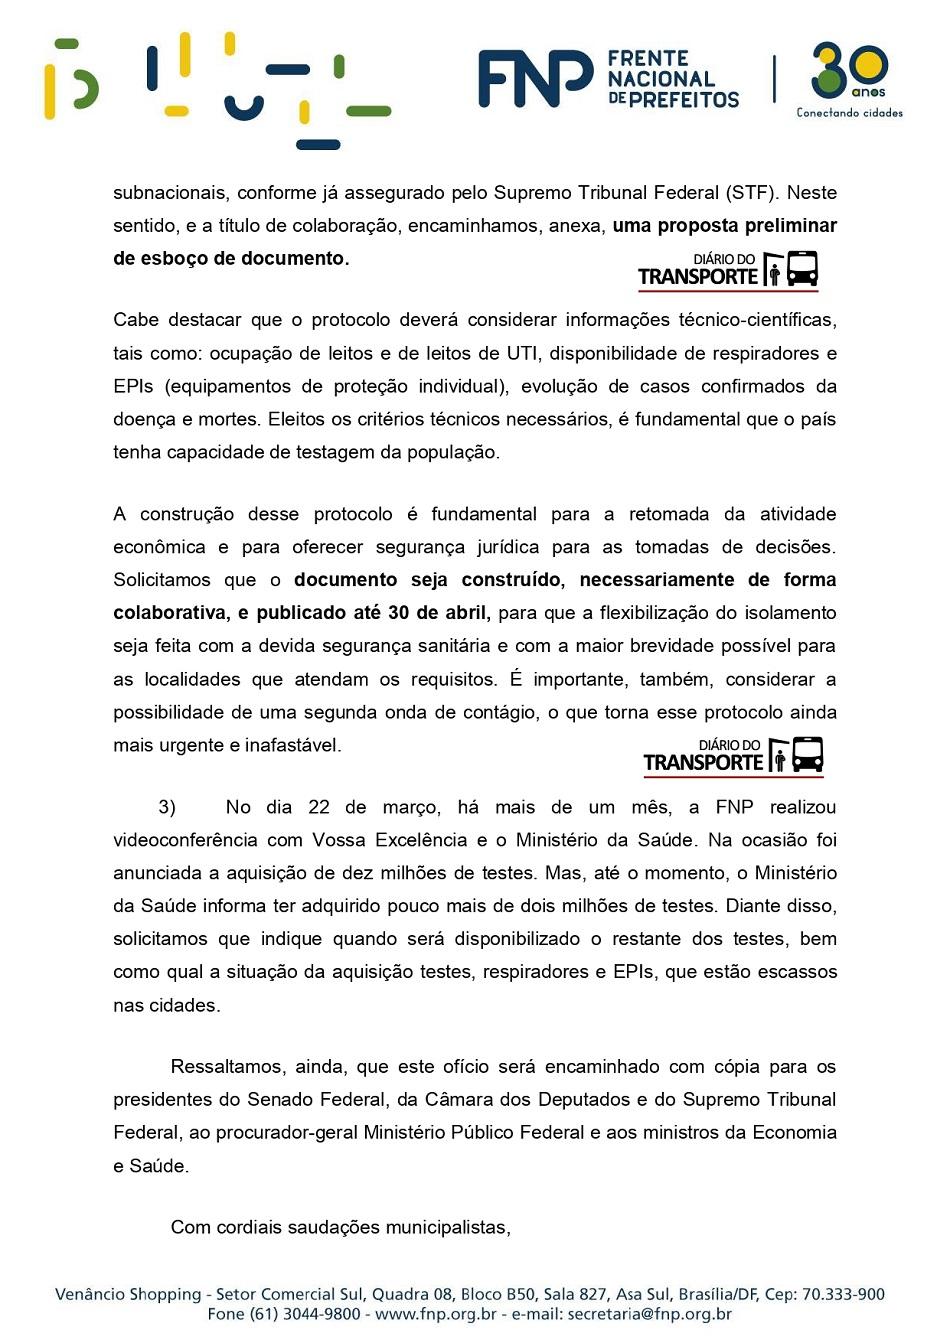 Ofício FNP272 2020- Pres. Jair Bolsonaro 02